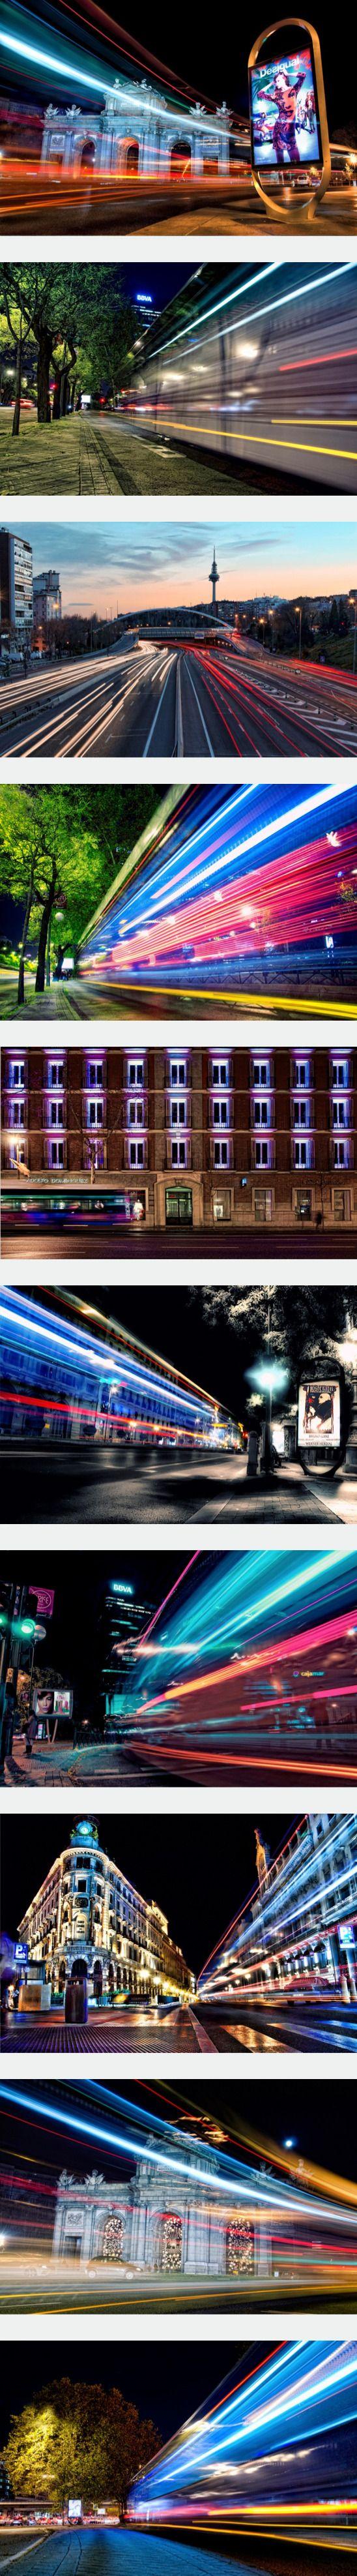 Urban Long-Exposure Photos by Alfon Novillo